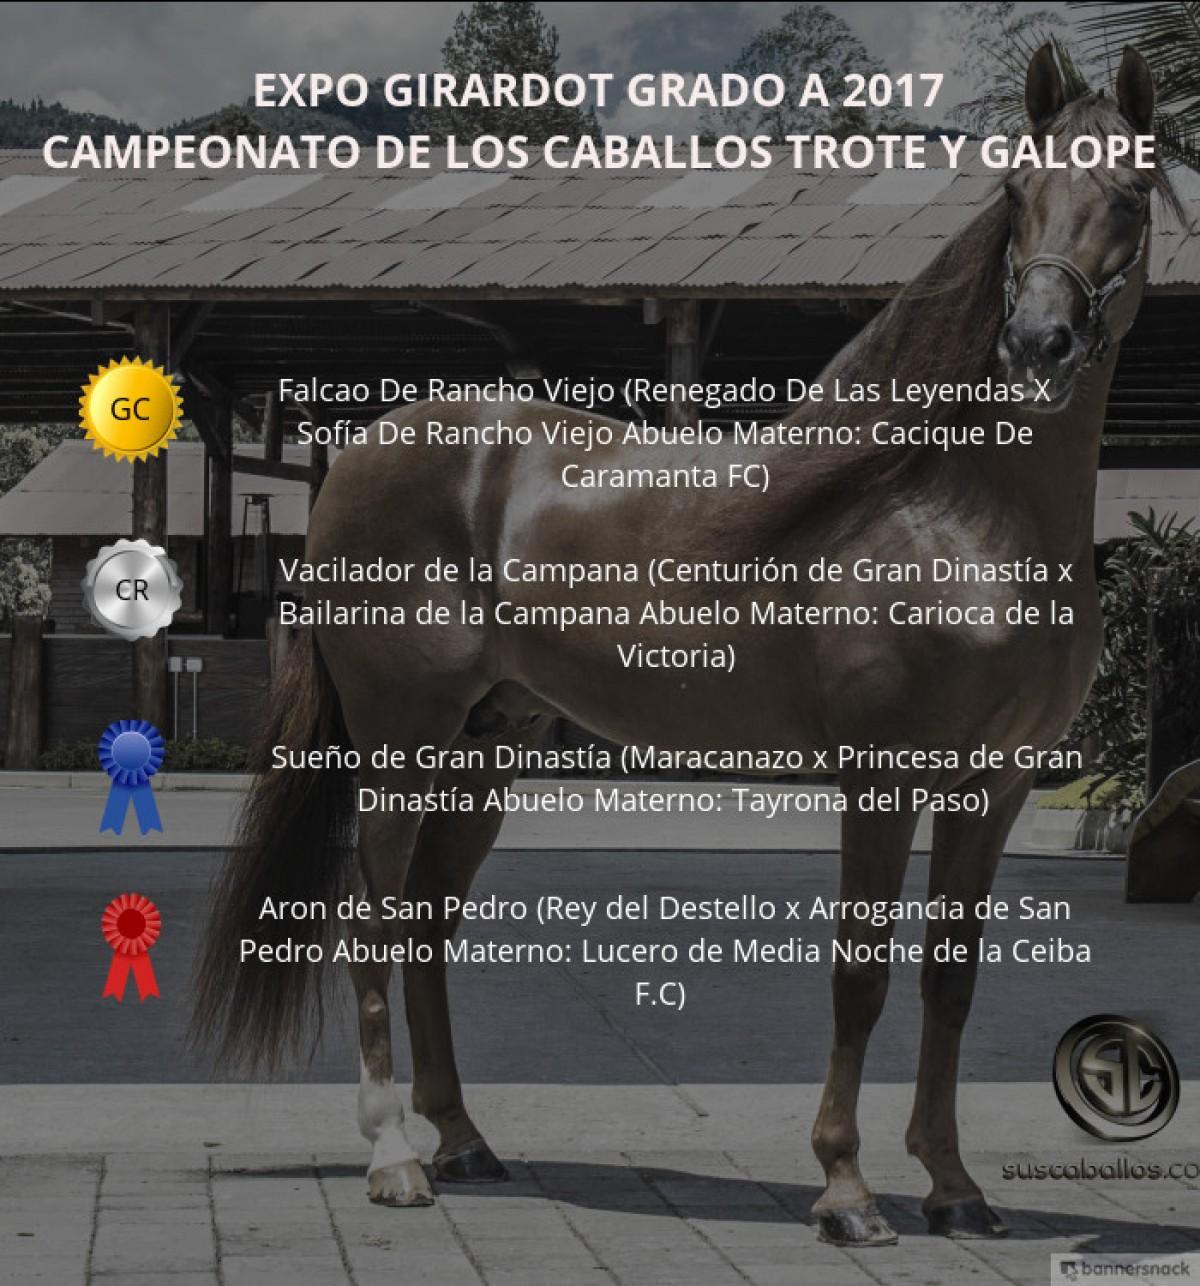 VÍDEO: Falcao Campeón, Vacilador Reservado, Trote Y Galope, Expo Girardot 2017